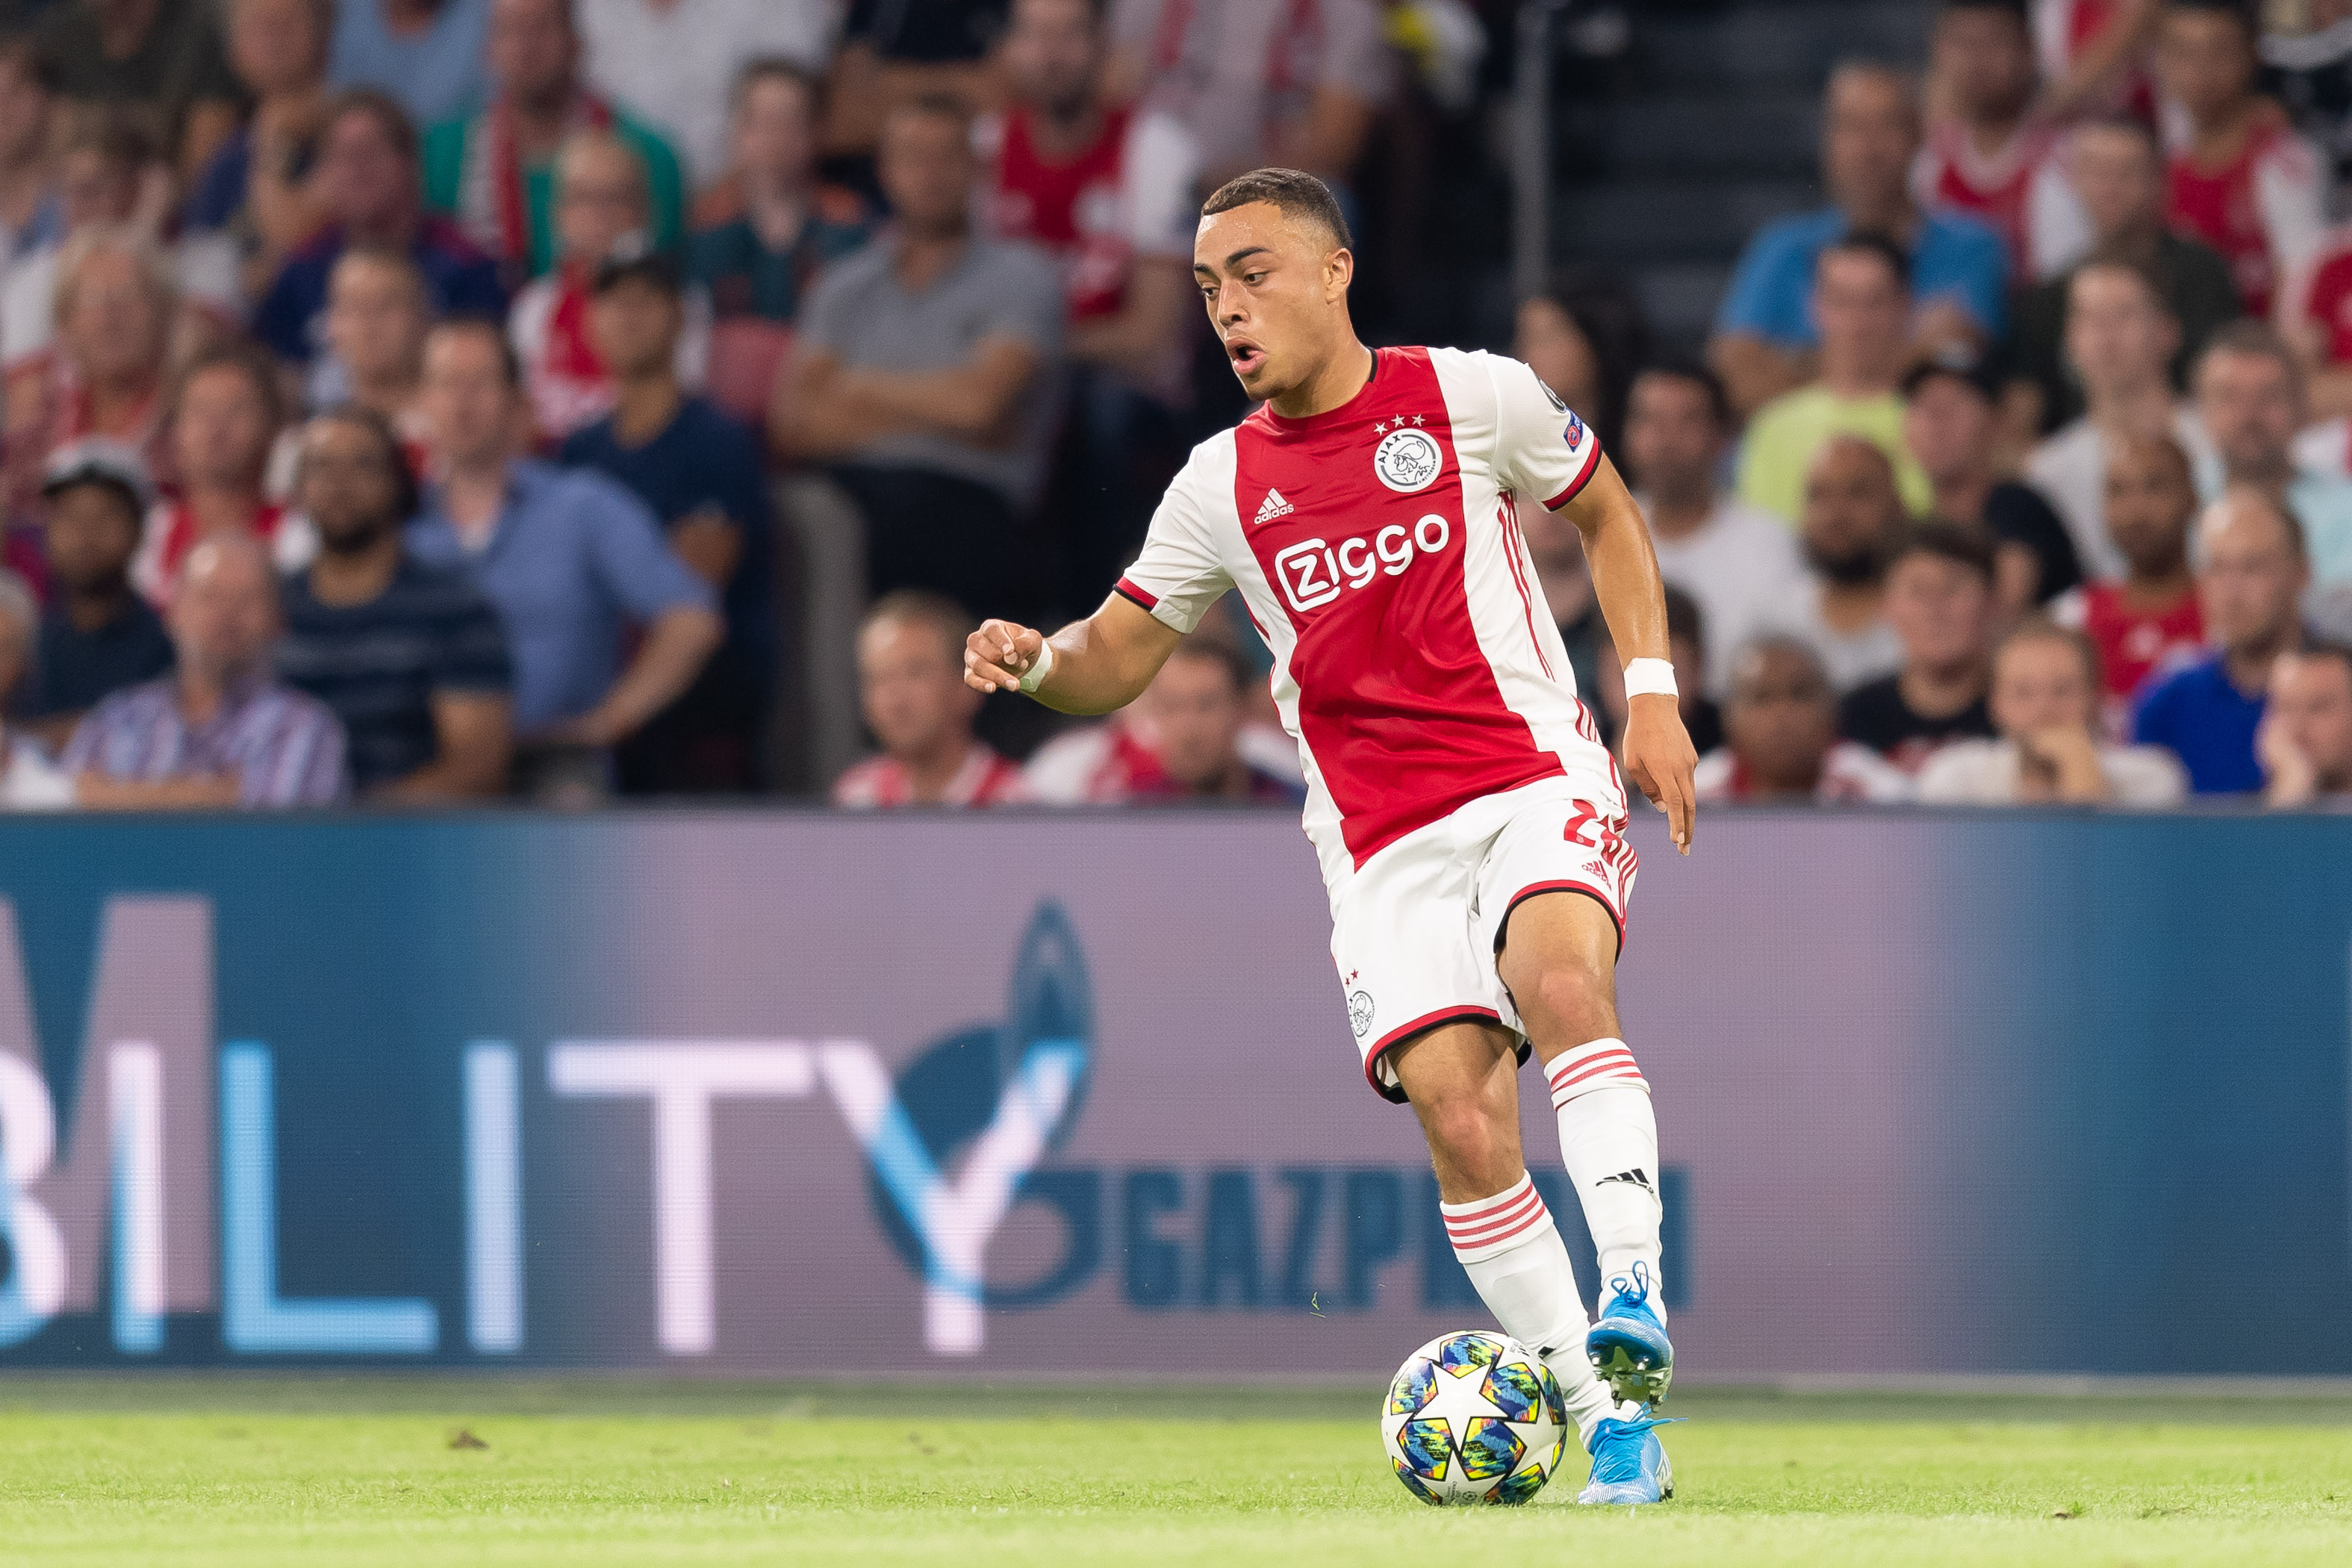 Ajax v Apoel Nicosia - UEFA Champions League Play Off